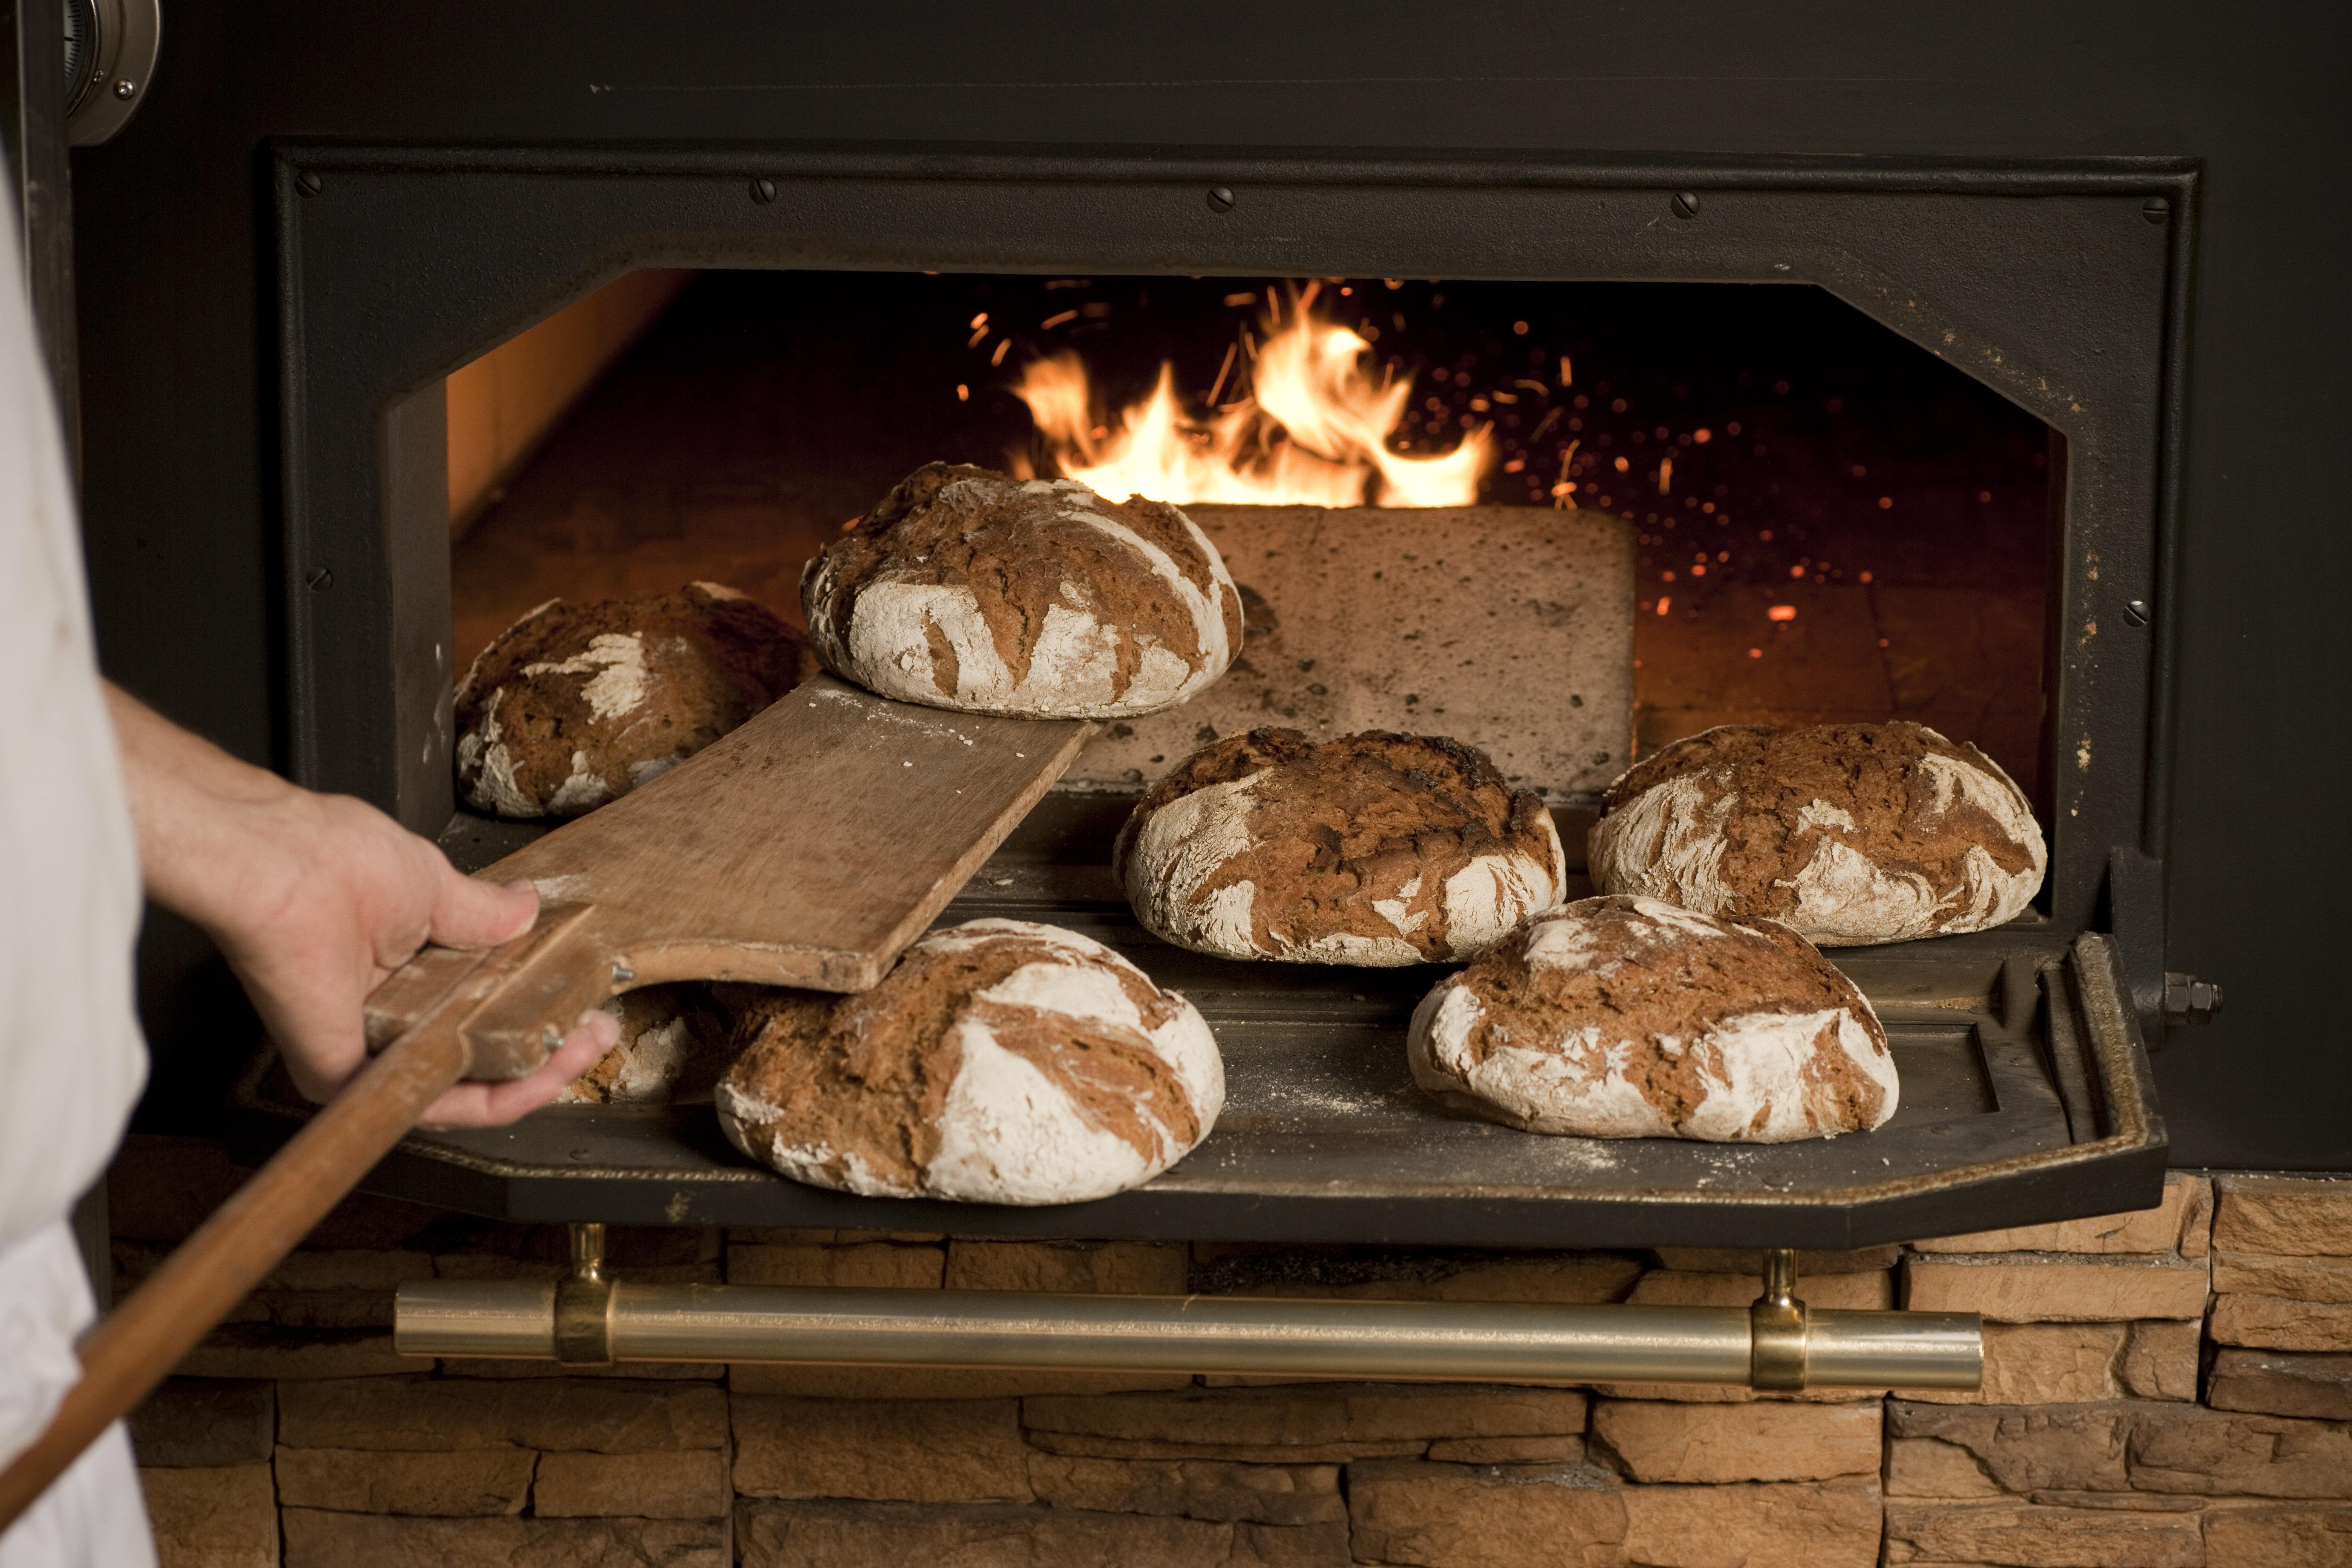 Ανακαλύφθηκε η παλαιότερη συνταγή ψωμιού, ηλικίας 14.000 ετών και μας αποκαλύπτει πολλά για τη σημερινή μας